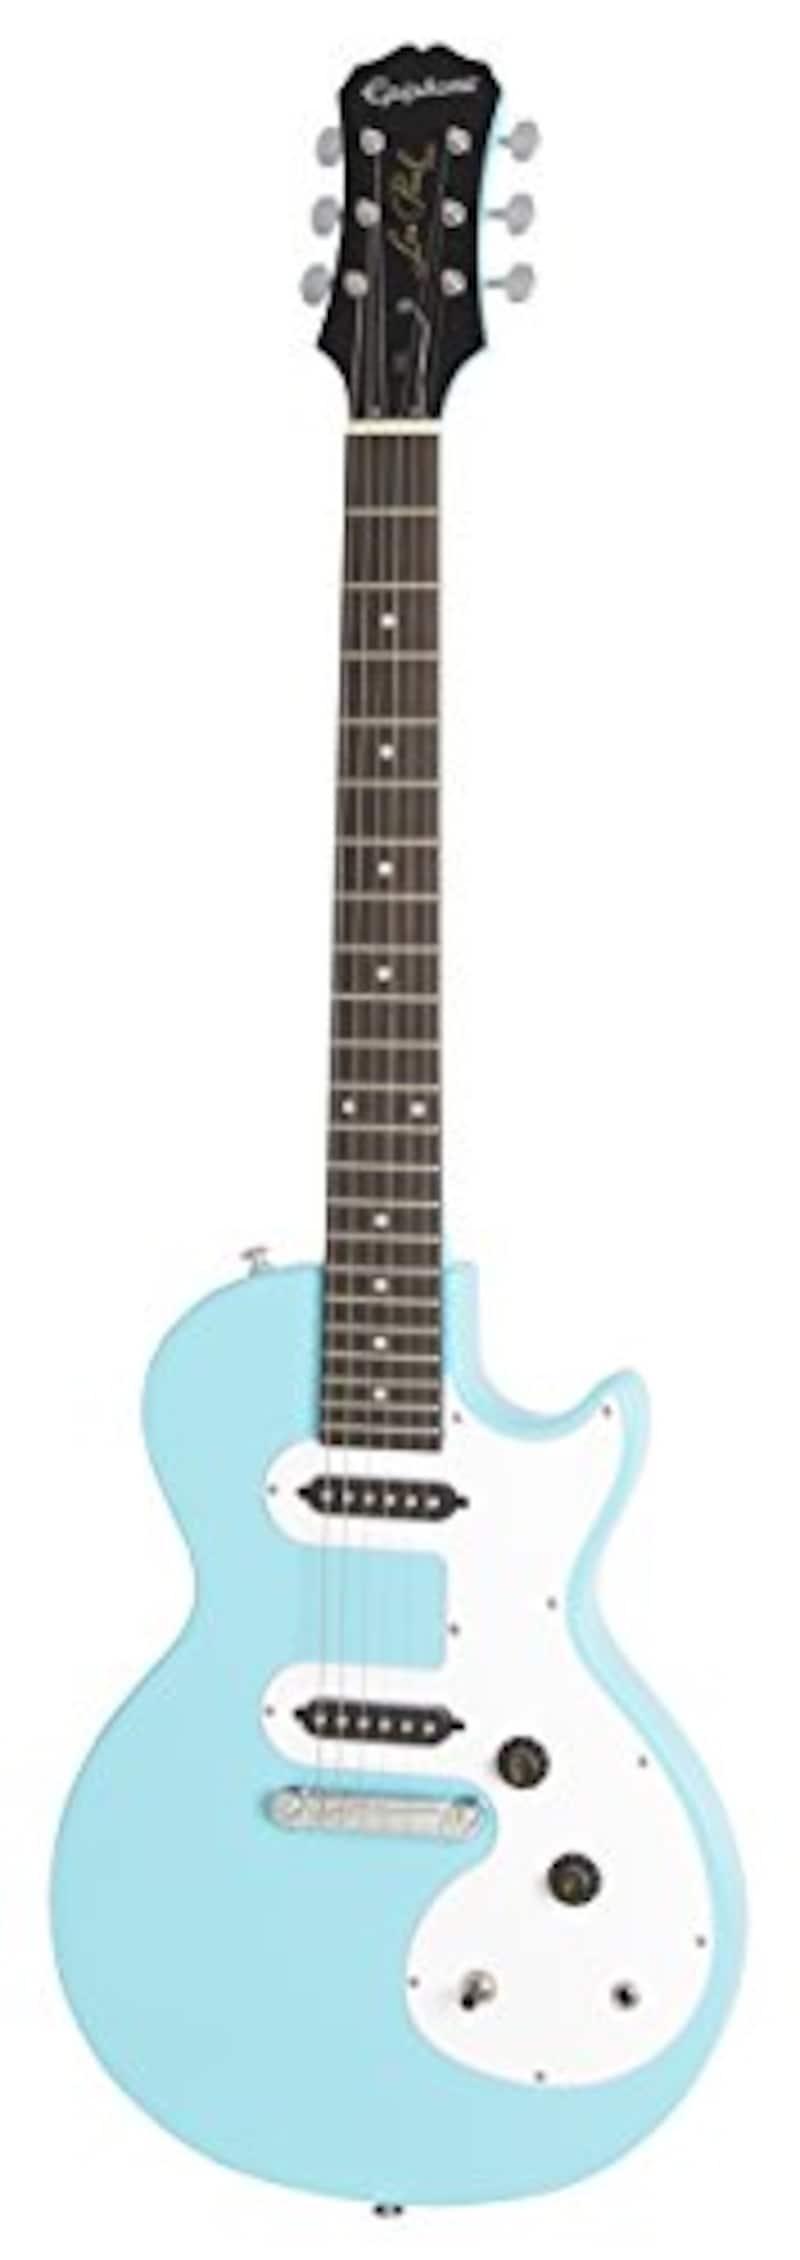 Epiphone/Les Paul SL Pacific Blue